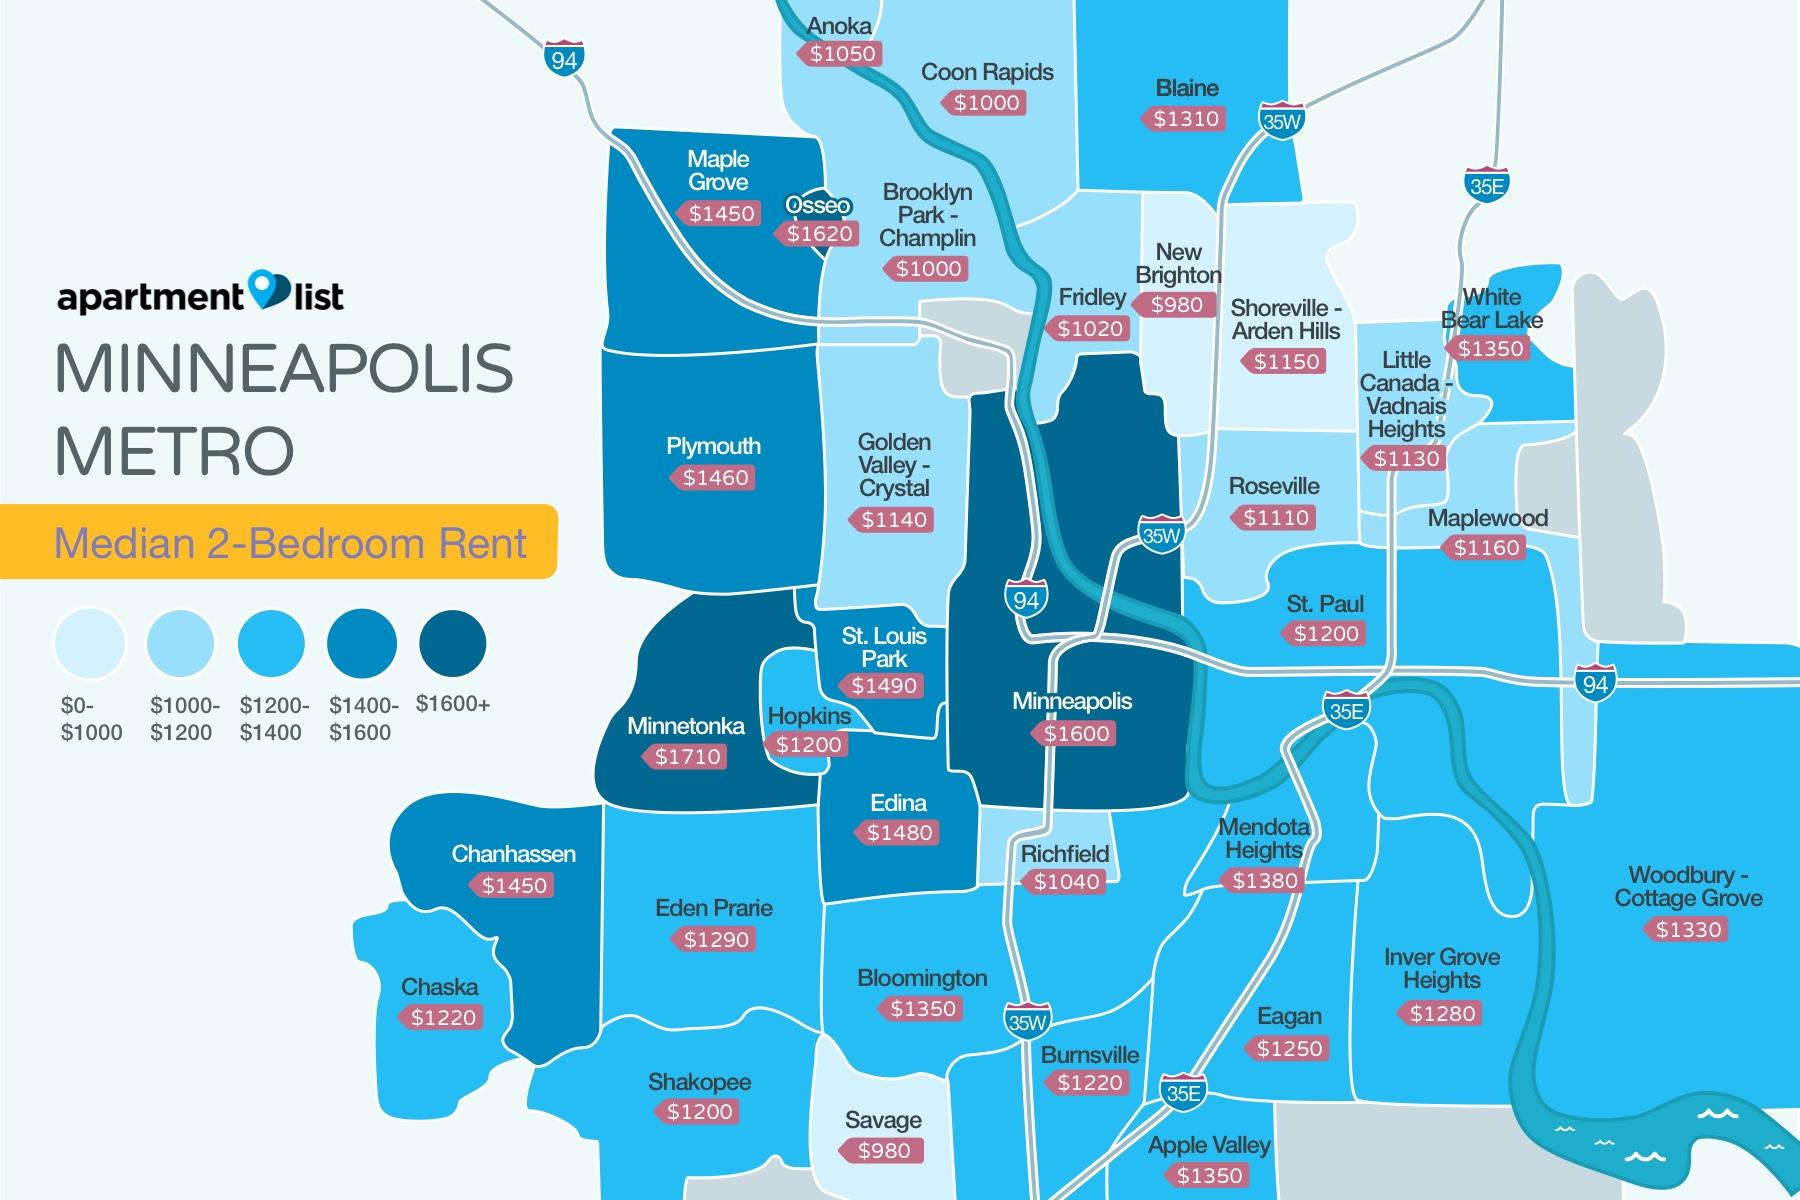 Minneapolis Neighborhood Price Map